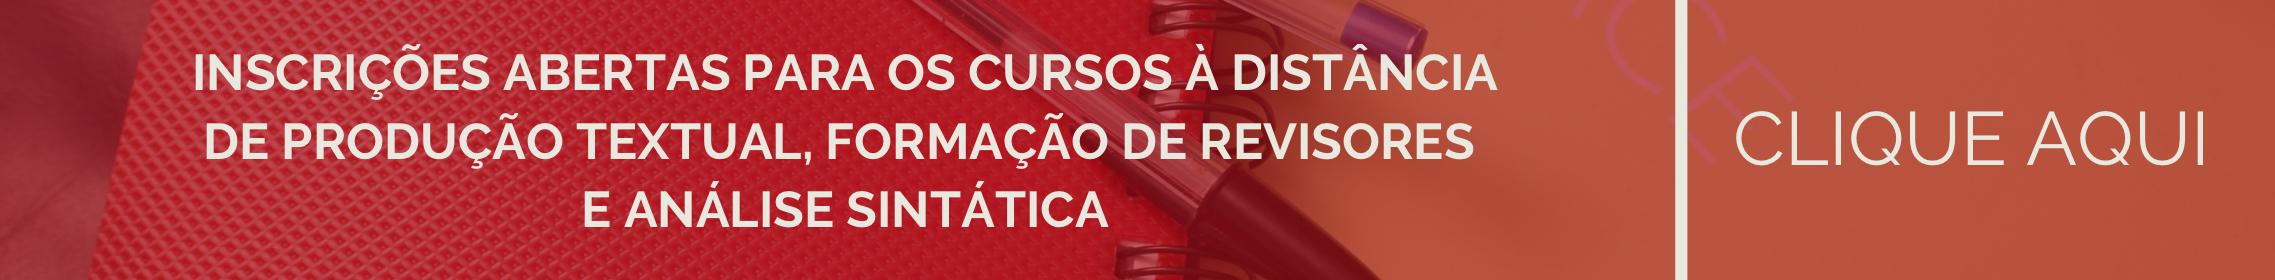 INSCRIÇÕES ABERTAS PARA OS CURSOS-4.jpg